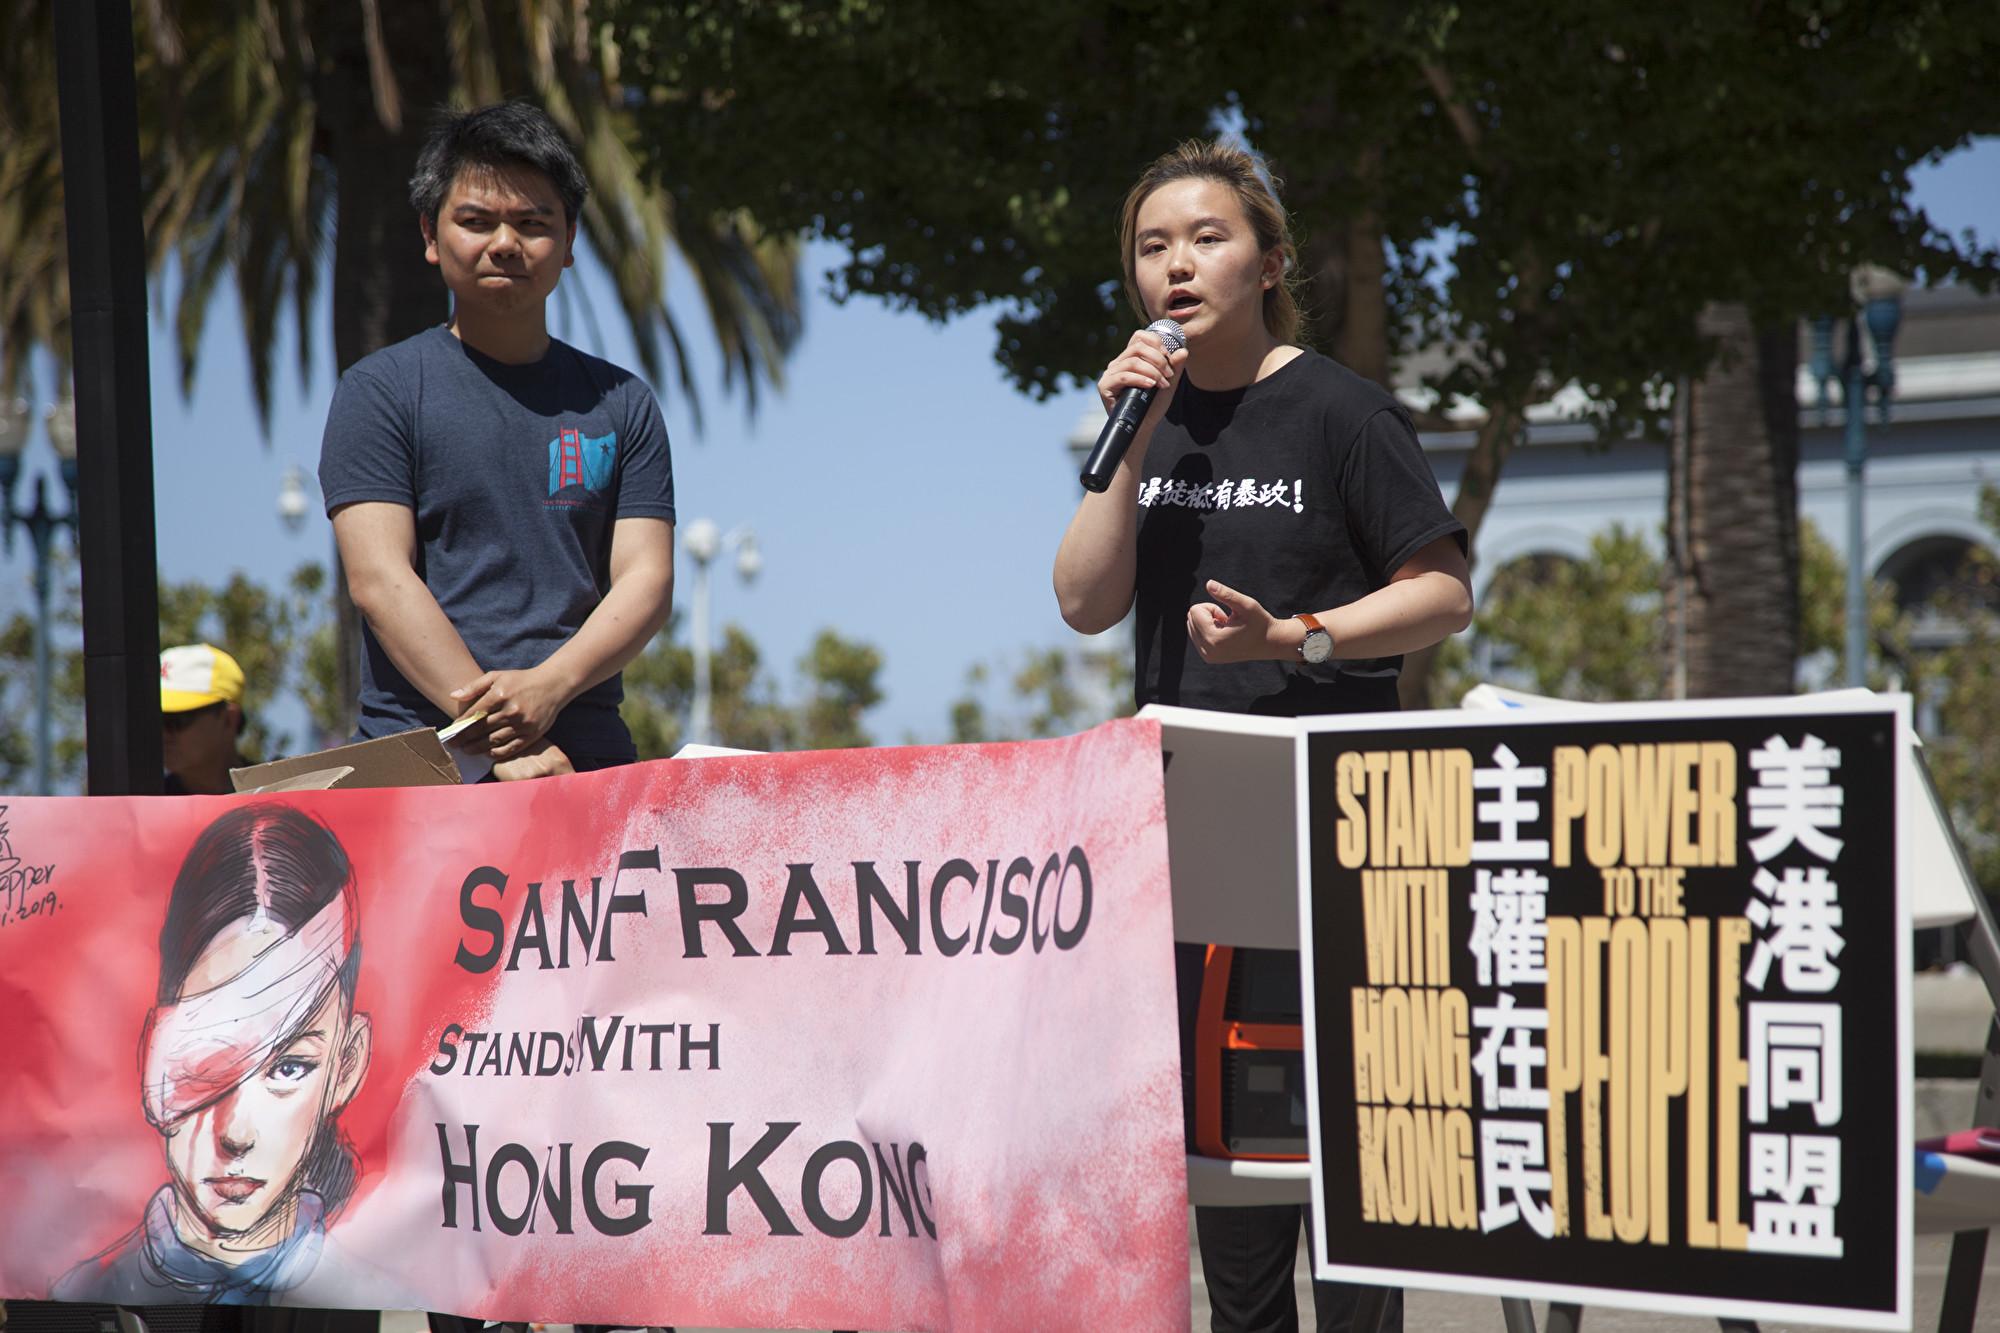 加州大學伯克利分校學生黃希憫(右),剛從香港抗爭前線回到灣區,在集會上演講。(周鳳臨/大紀元)